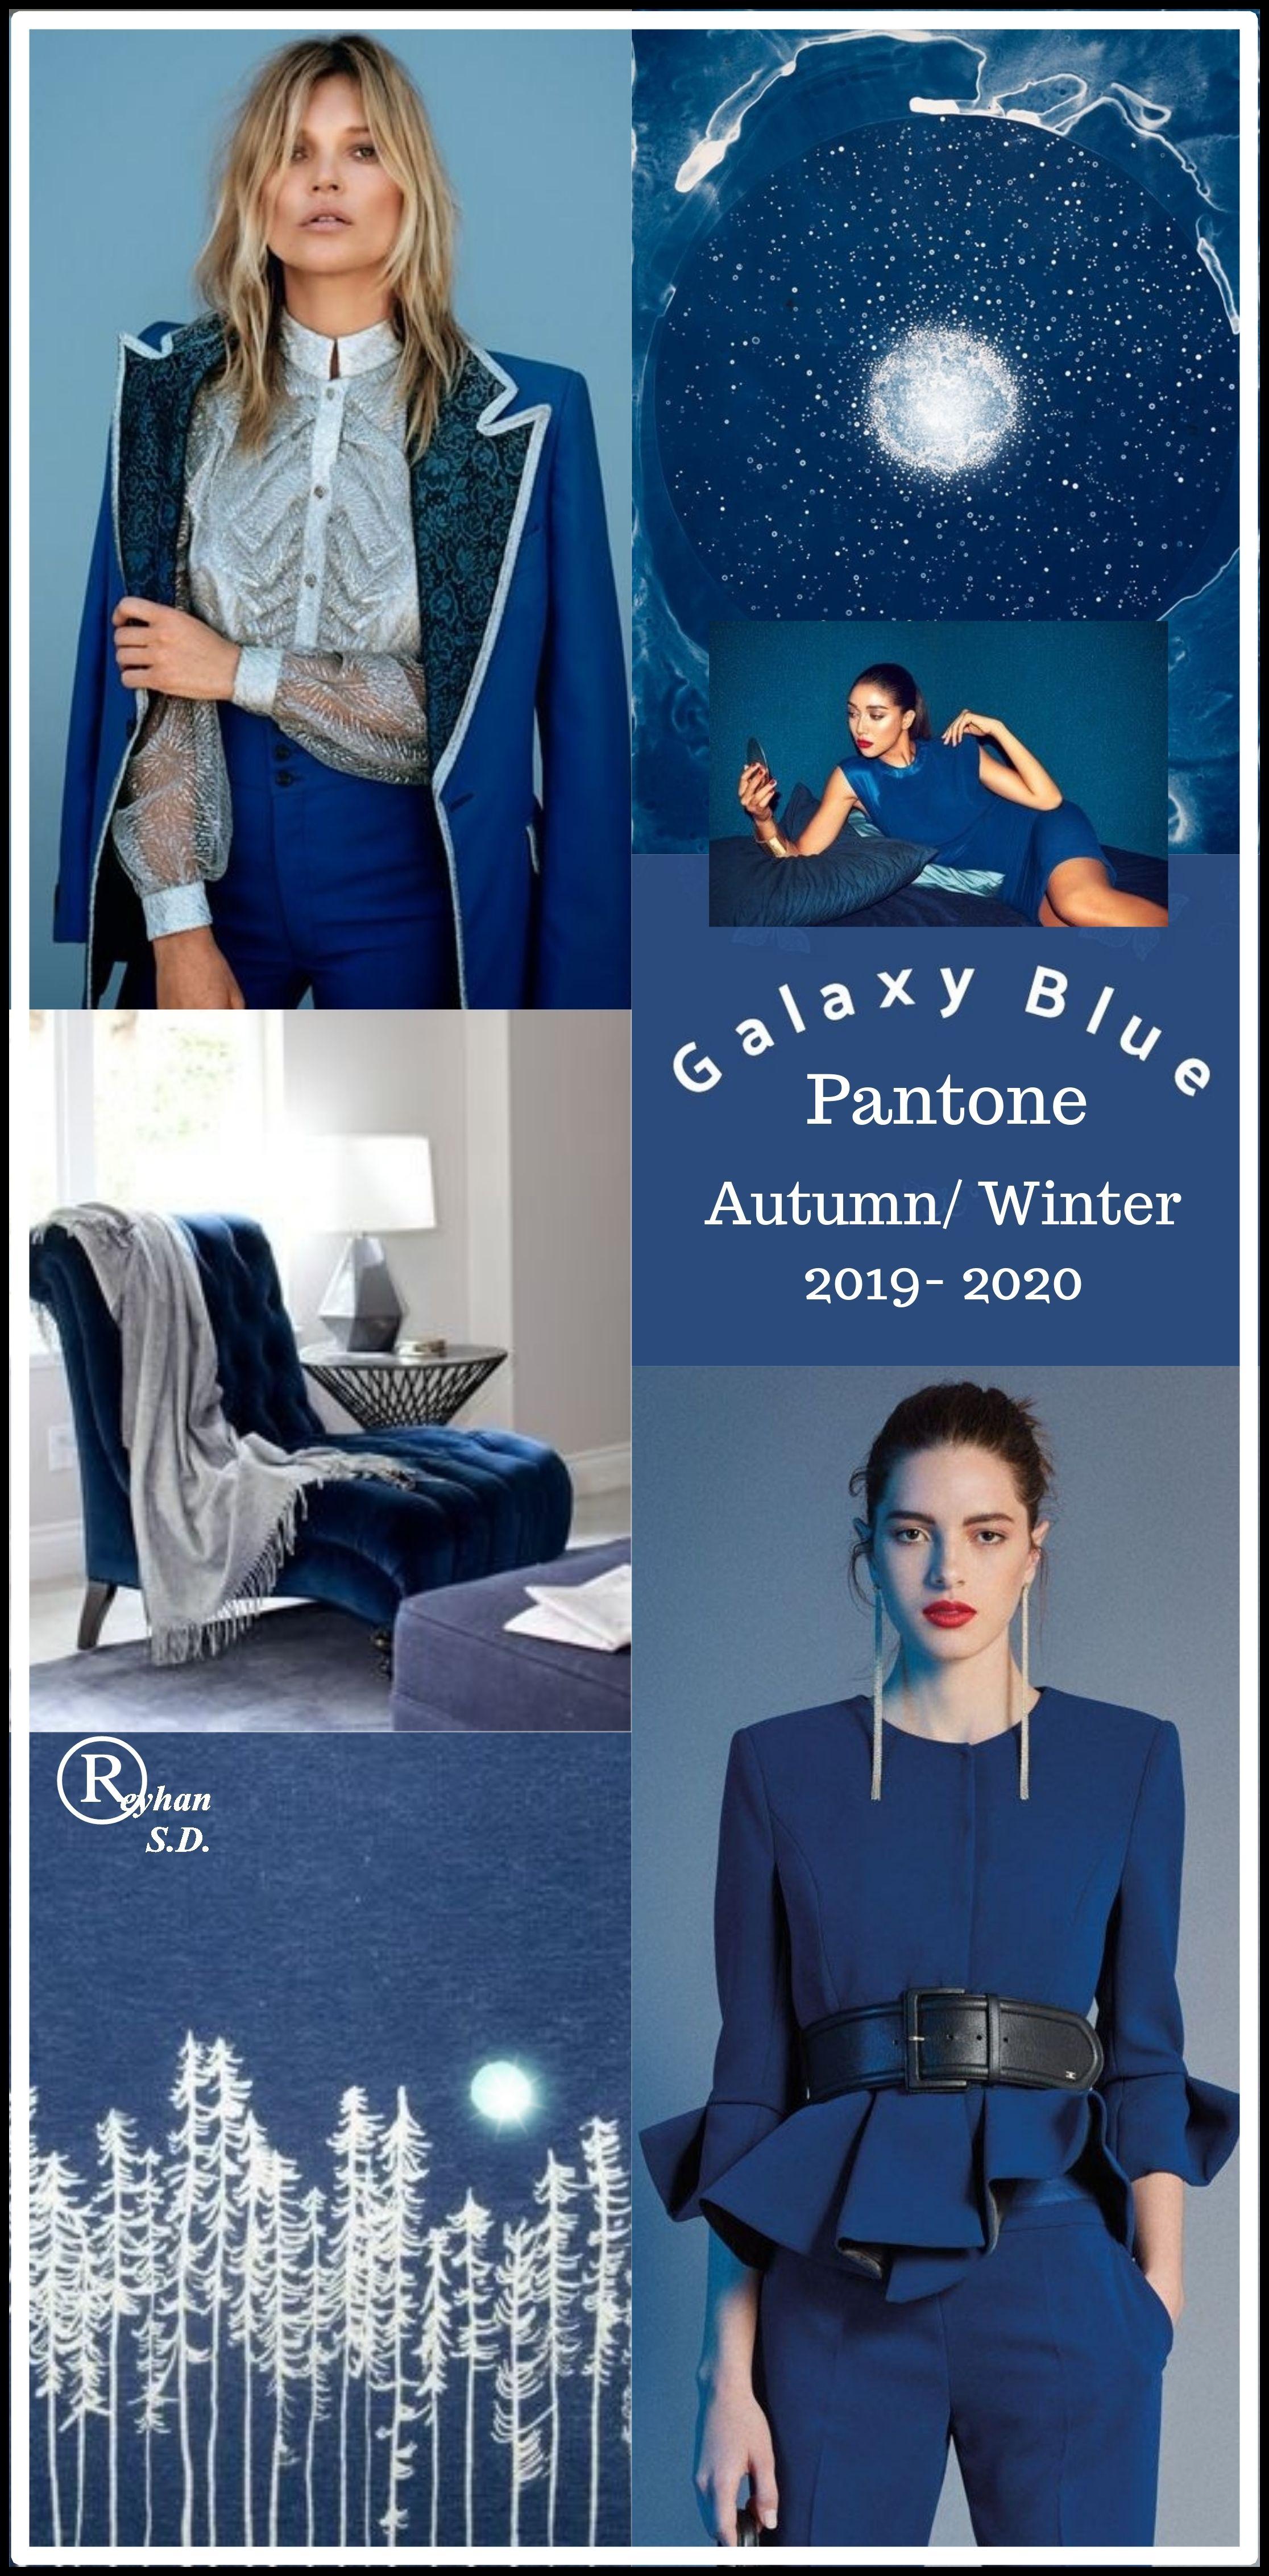 Resultado de imagen de pantone galaxy blue fashion fall 2019